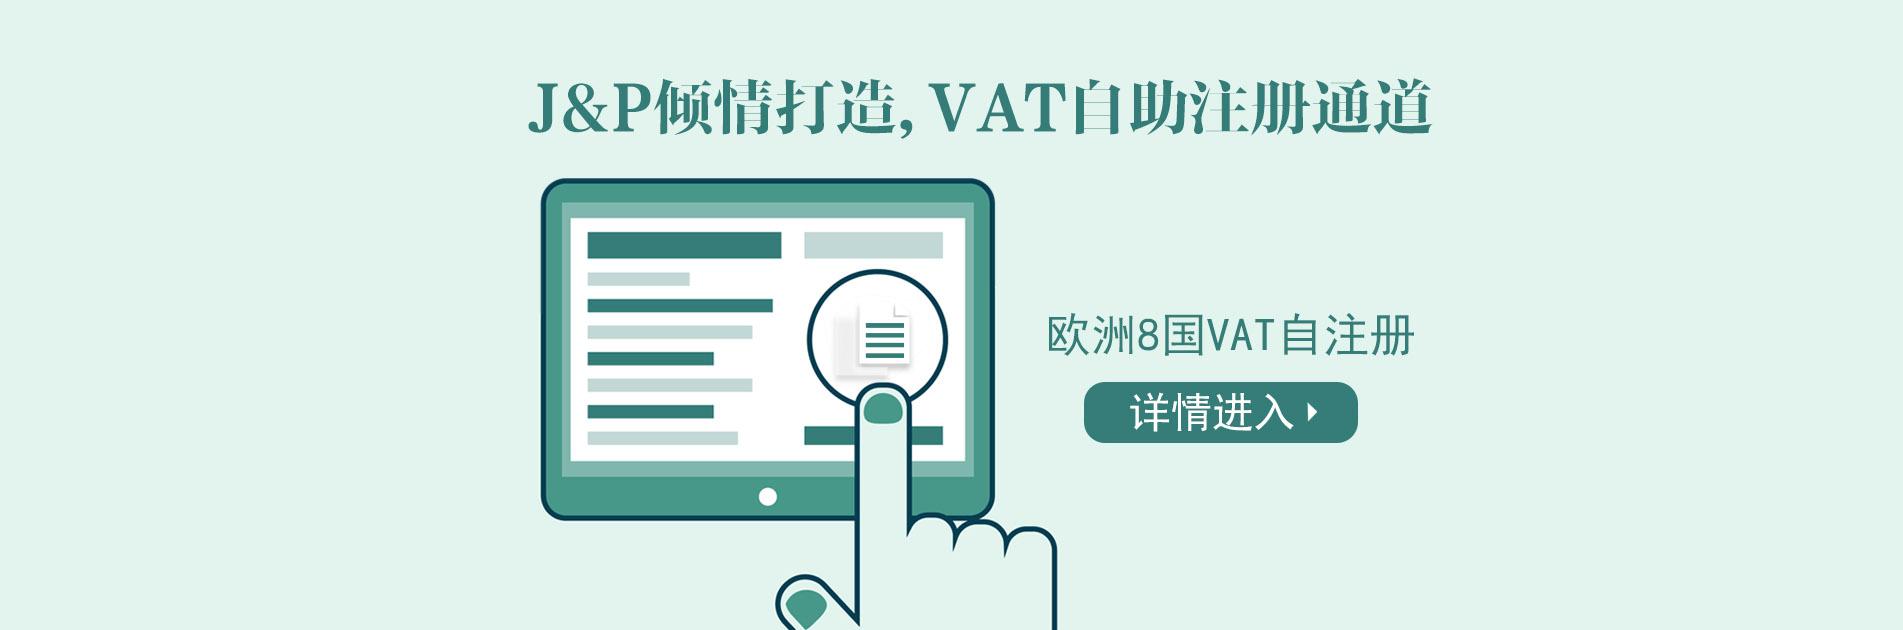 VAT自助注册